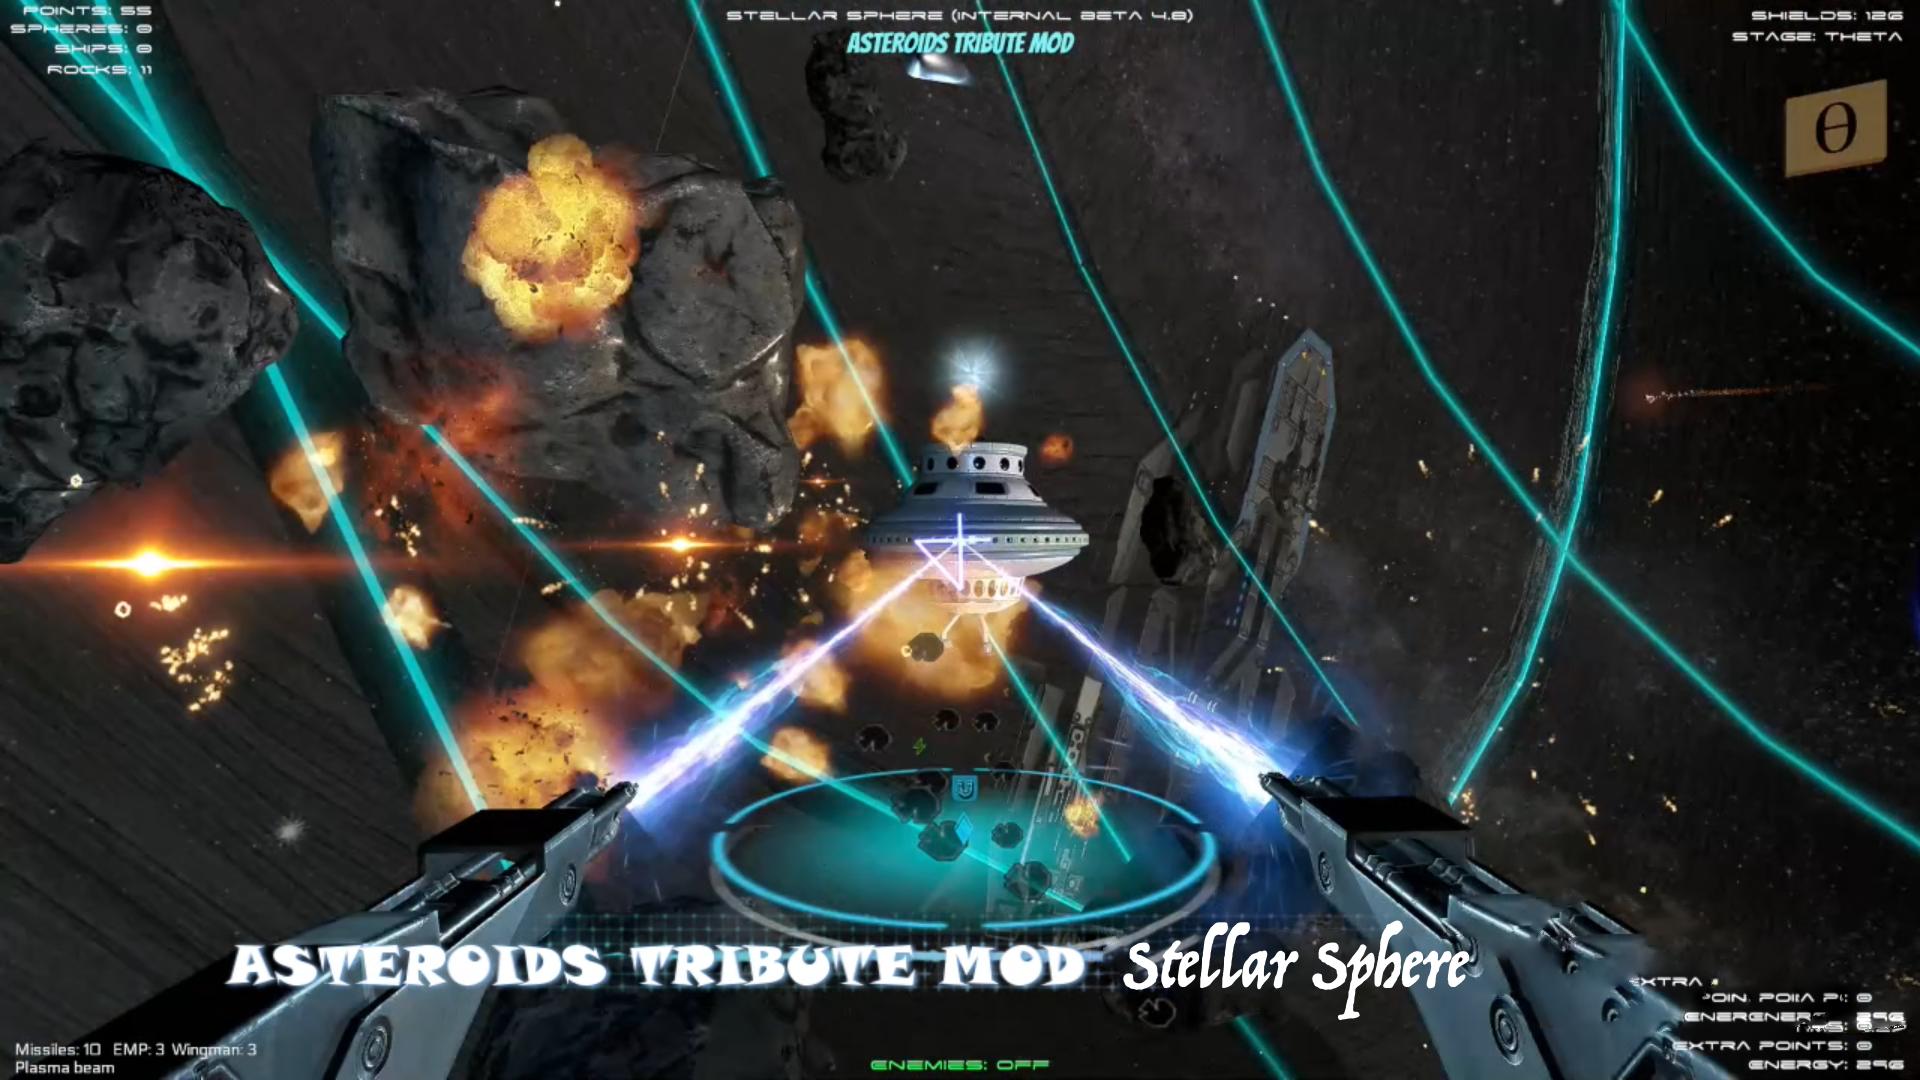 stellar_sphere_mod_asteroids